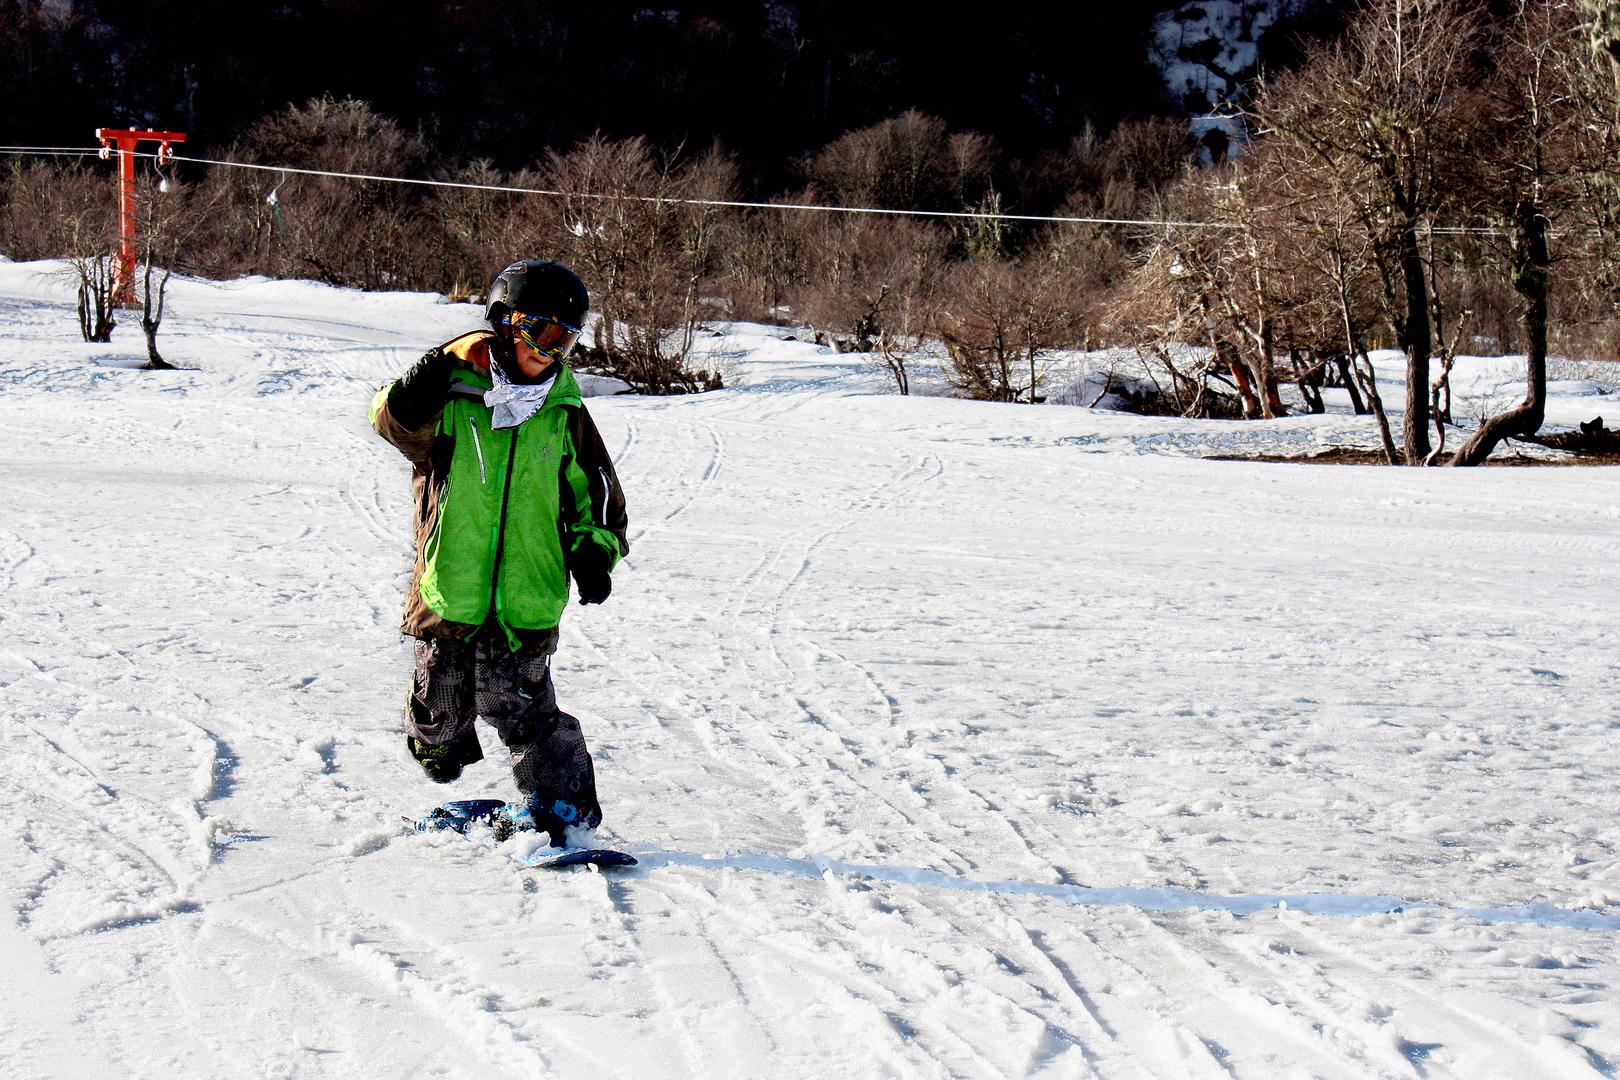 Snowboard en Termas de Chillán